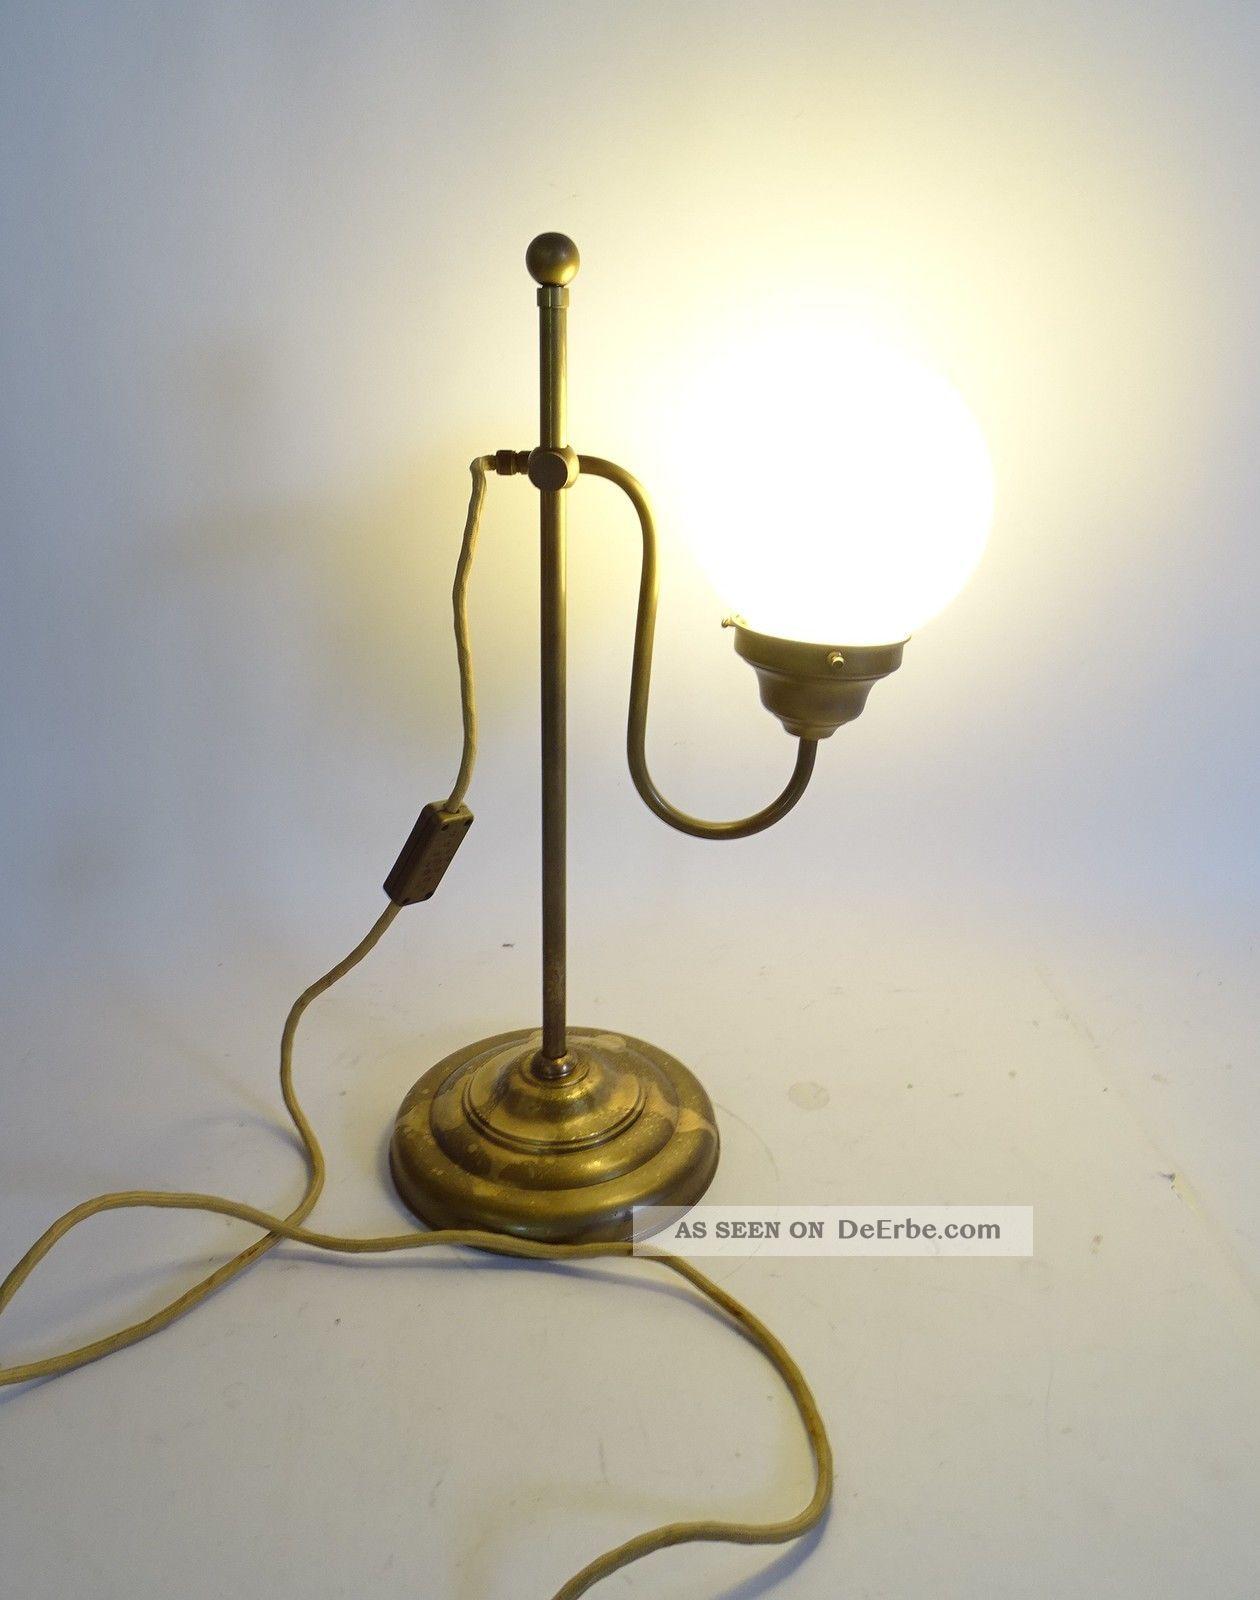 wundersch ne shabby chic kugellampe nachttischlampe im antikstil. Black Bedroom Furniture Sets. Home Design Ideas